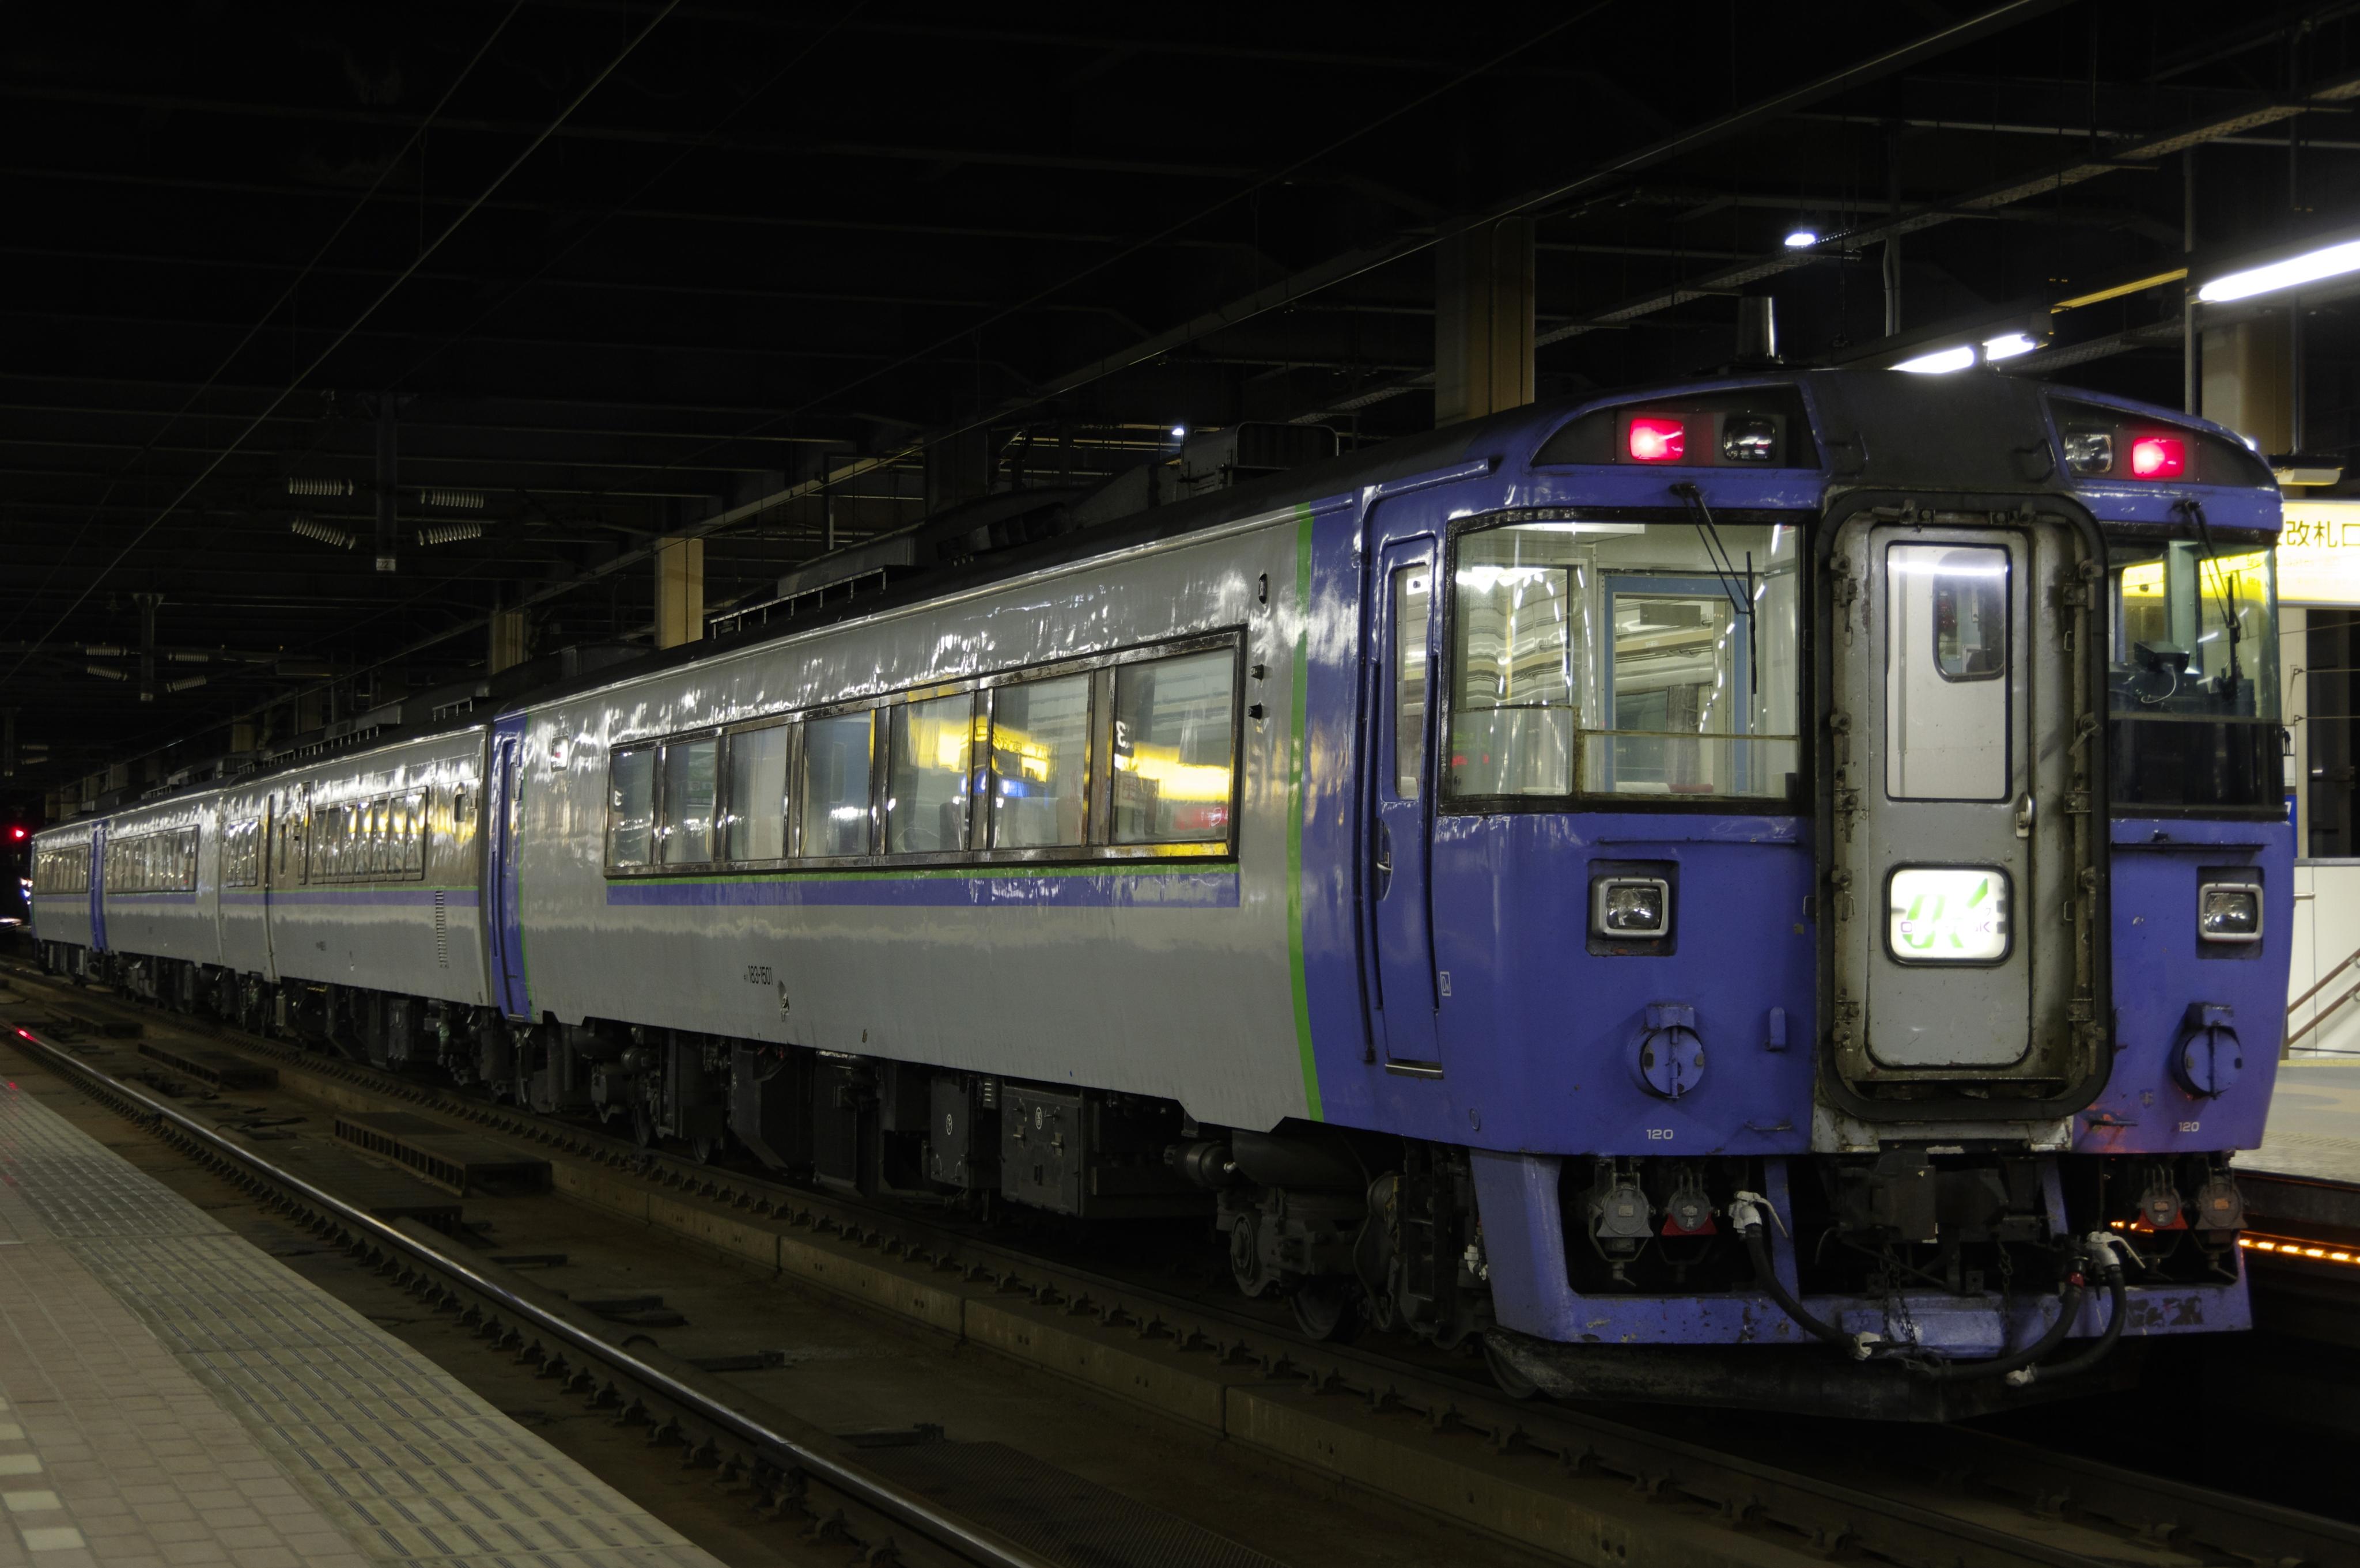 札幌駅_オホーツク4号尾灯点灯180524.jpg